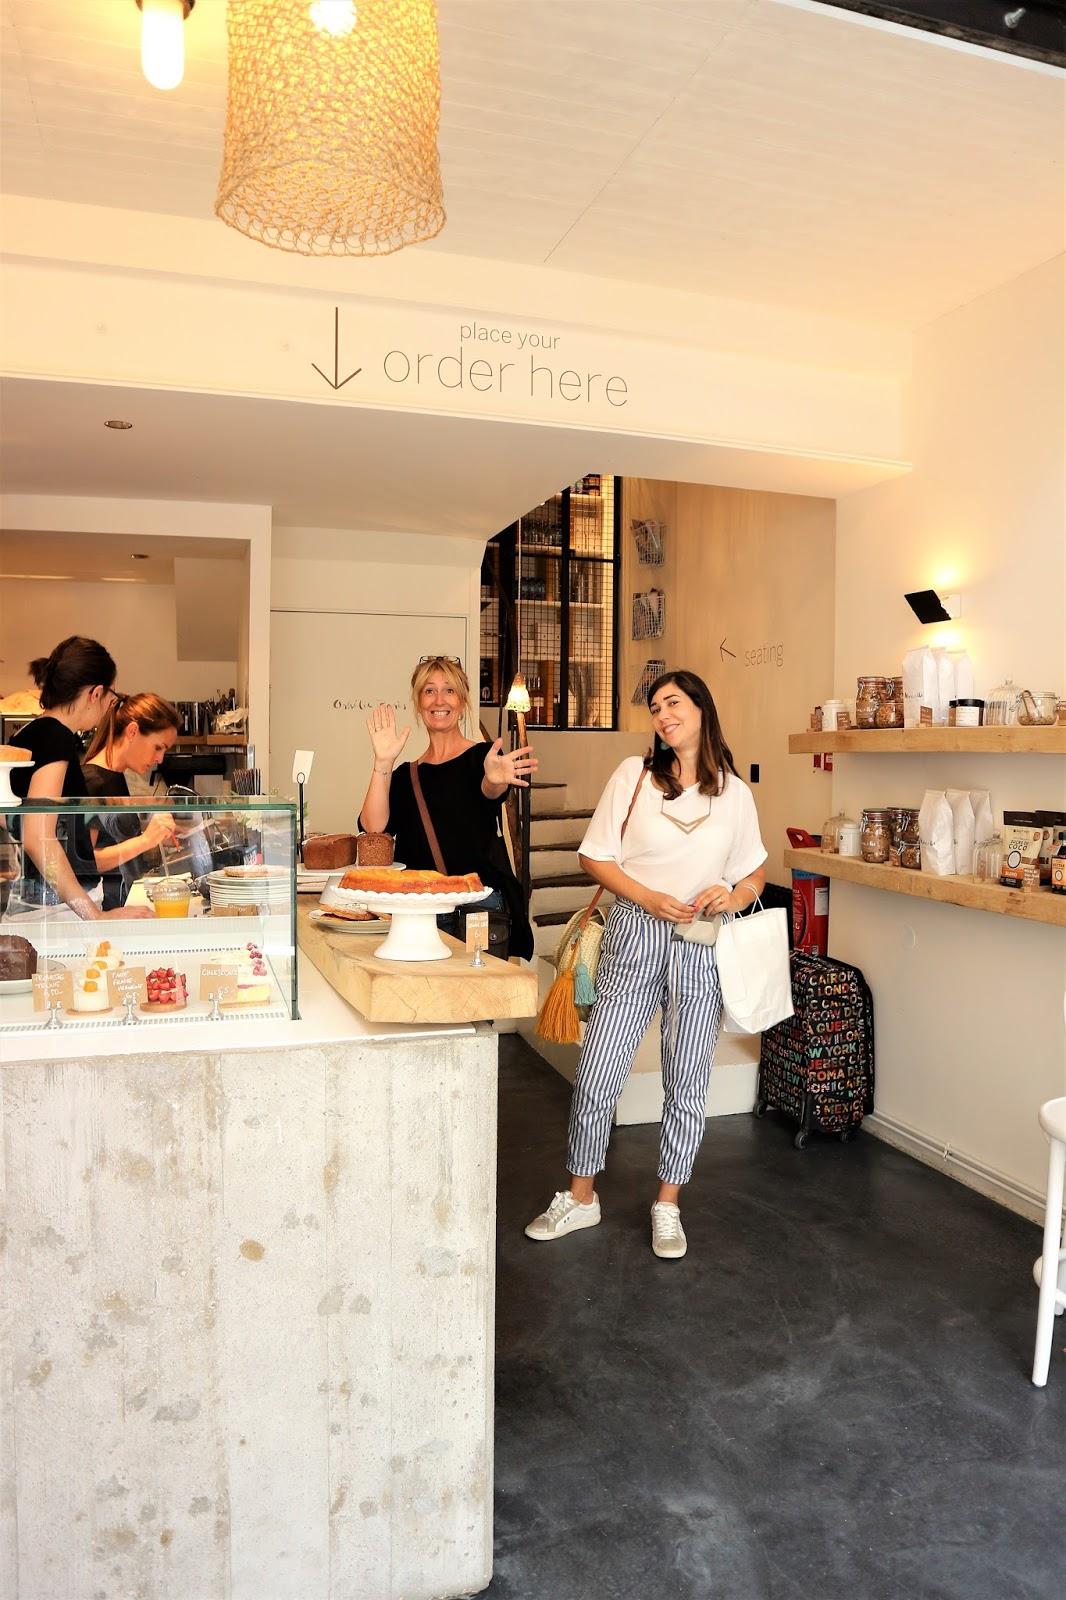 atelier rue verte le blog paris mes bonnes adresses marcelle cantine healthy. Black Bedroom Furniture Sets. Home Design Ideas